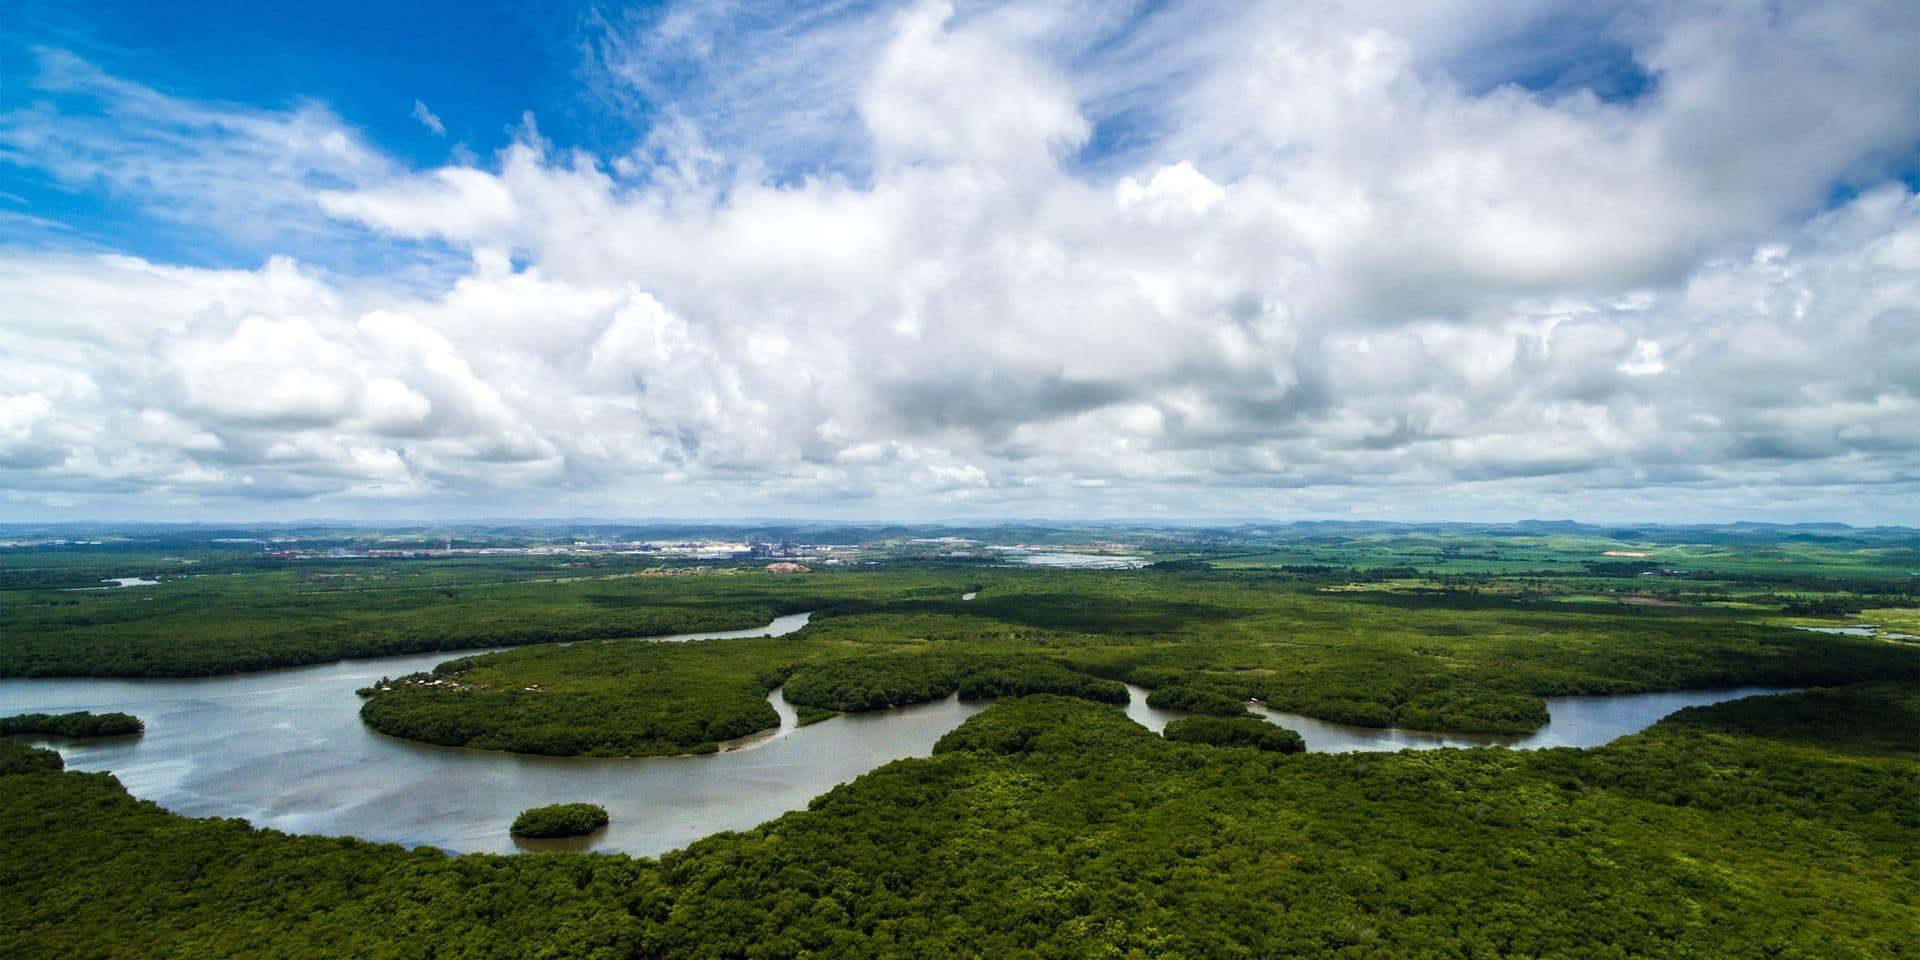 La forêt amazonienne en train de devenir source de CO2, selon une étude